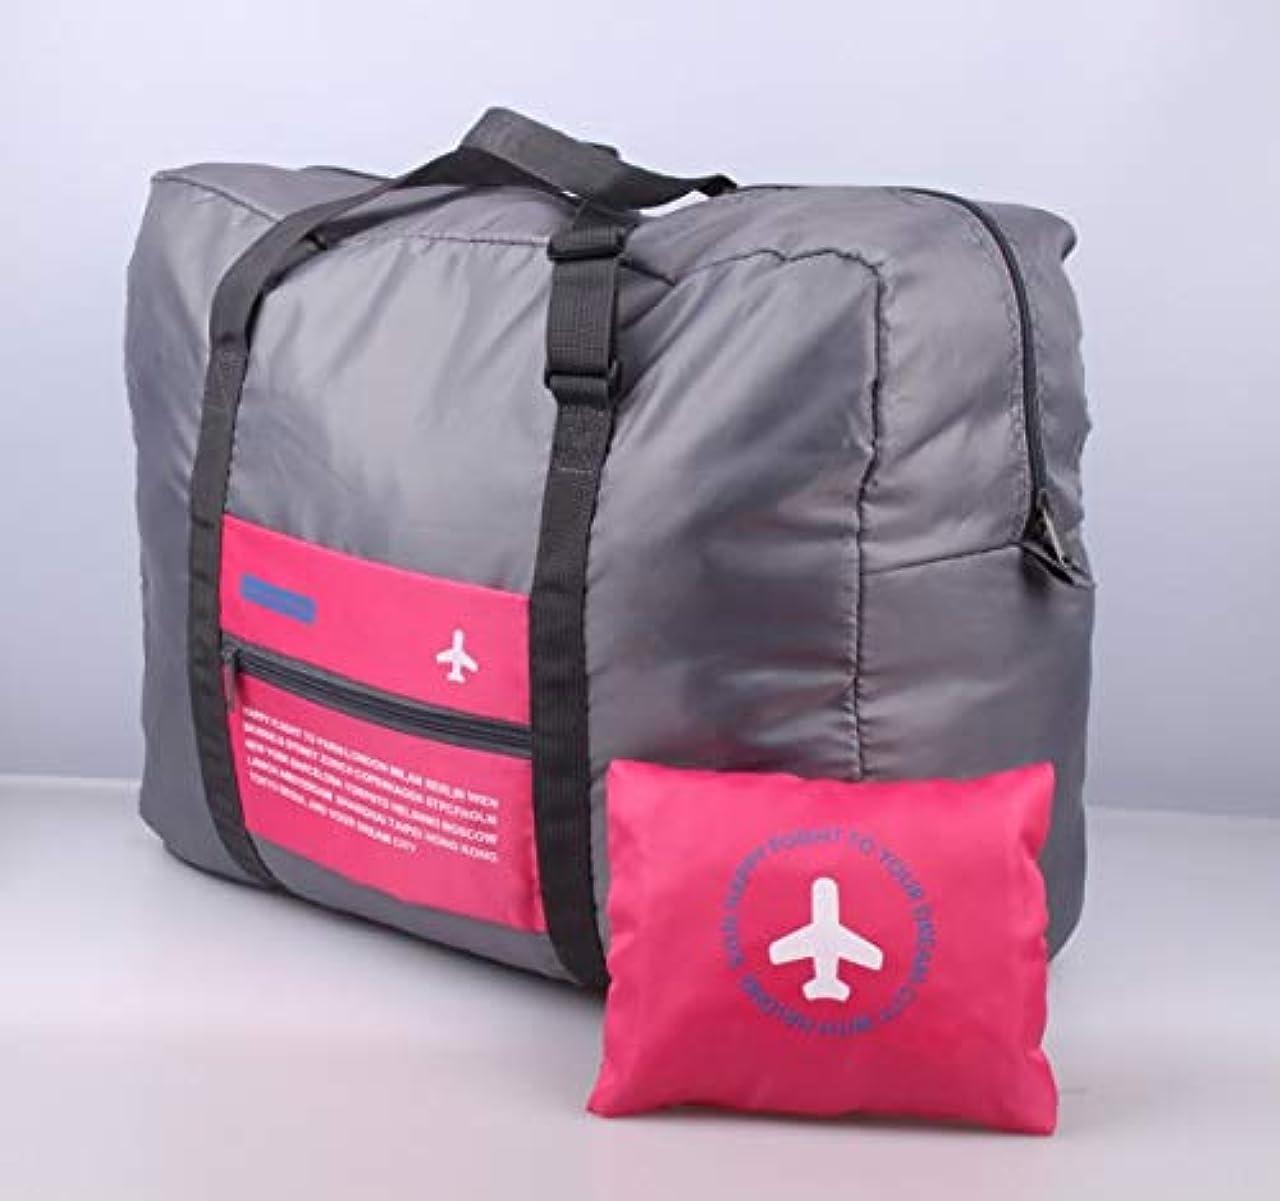 描写関与するフィードオンSfHx 化粧バッグ、ポータブル旅行化粧品バッグ化粧ケース、防水オーガナイザー、トイレタリー化粧品バッグ、男性と女性 (Color : Rose Red)